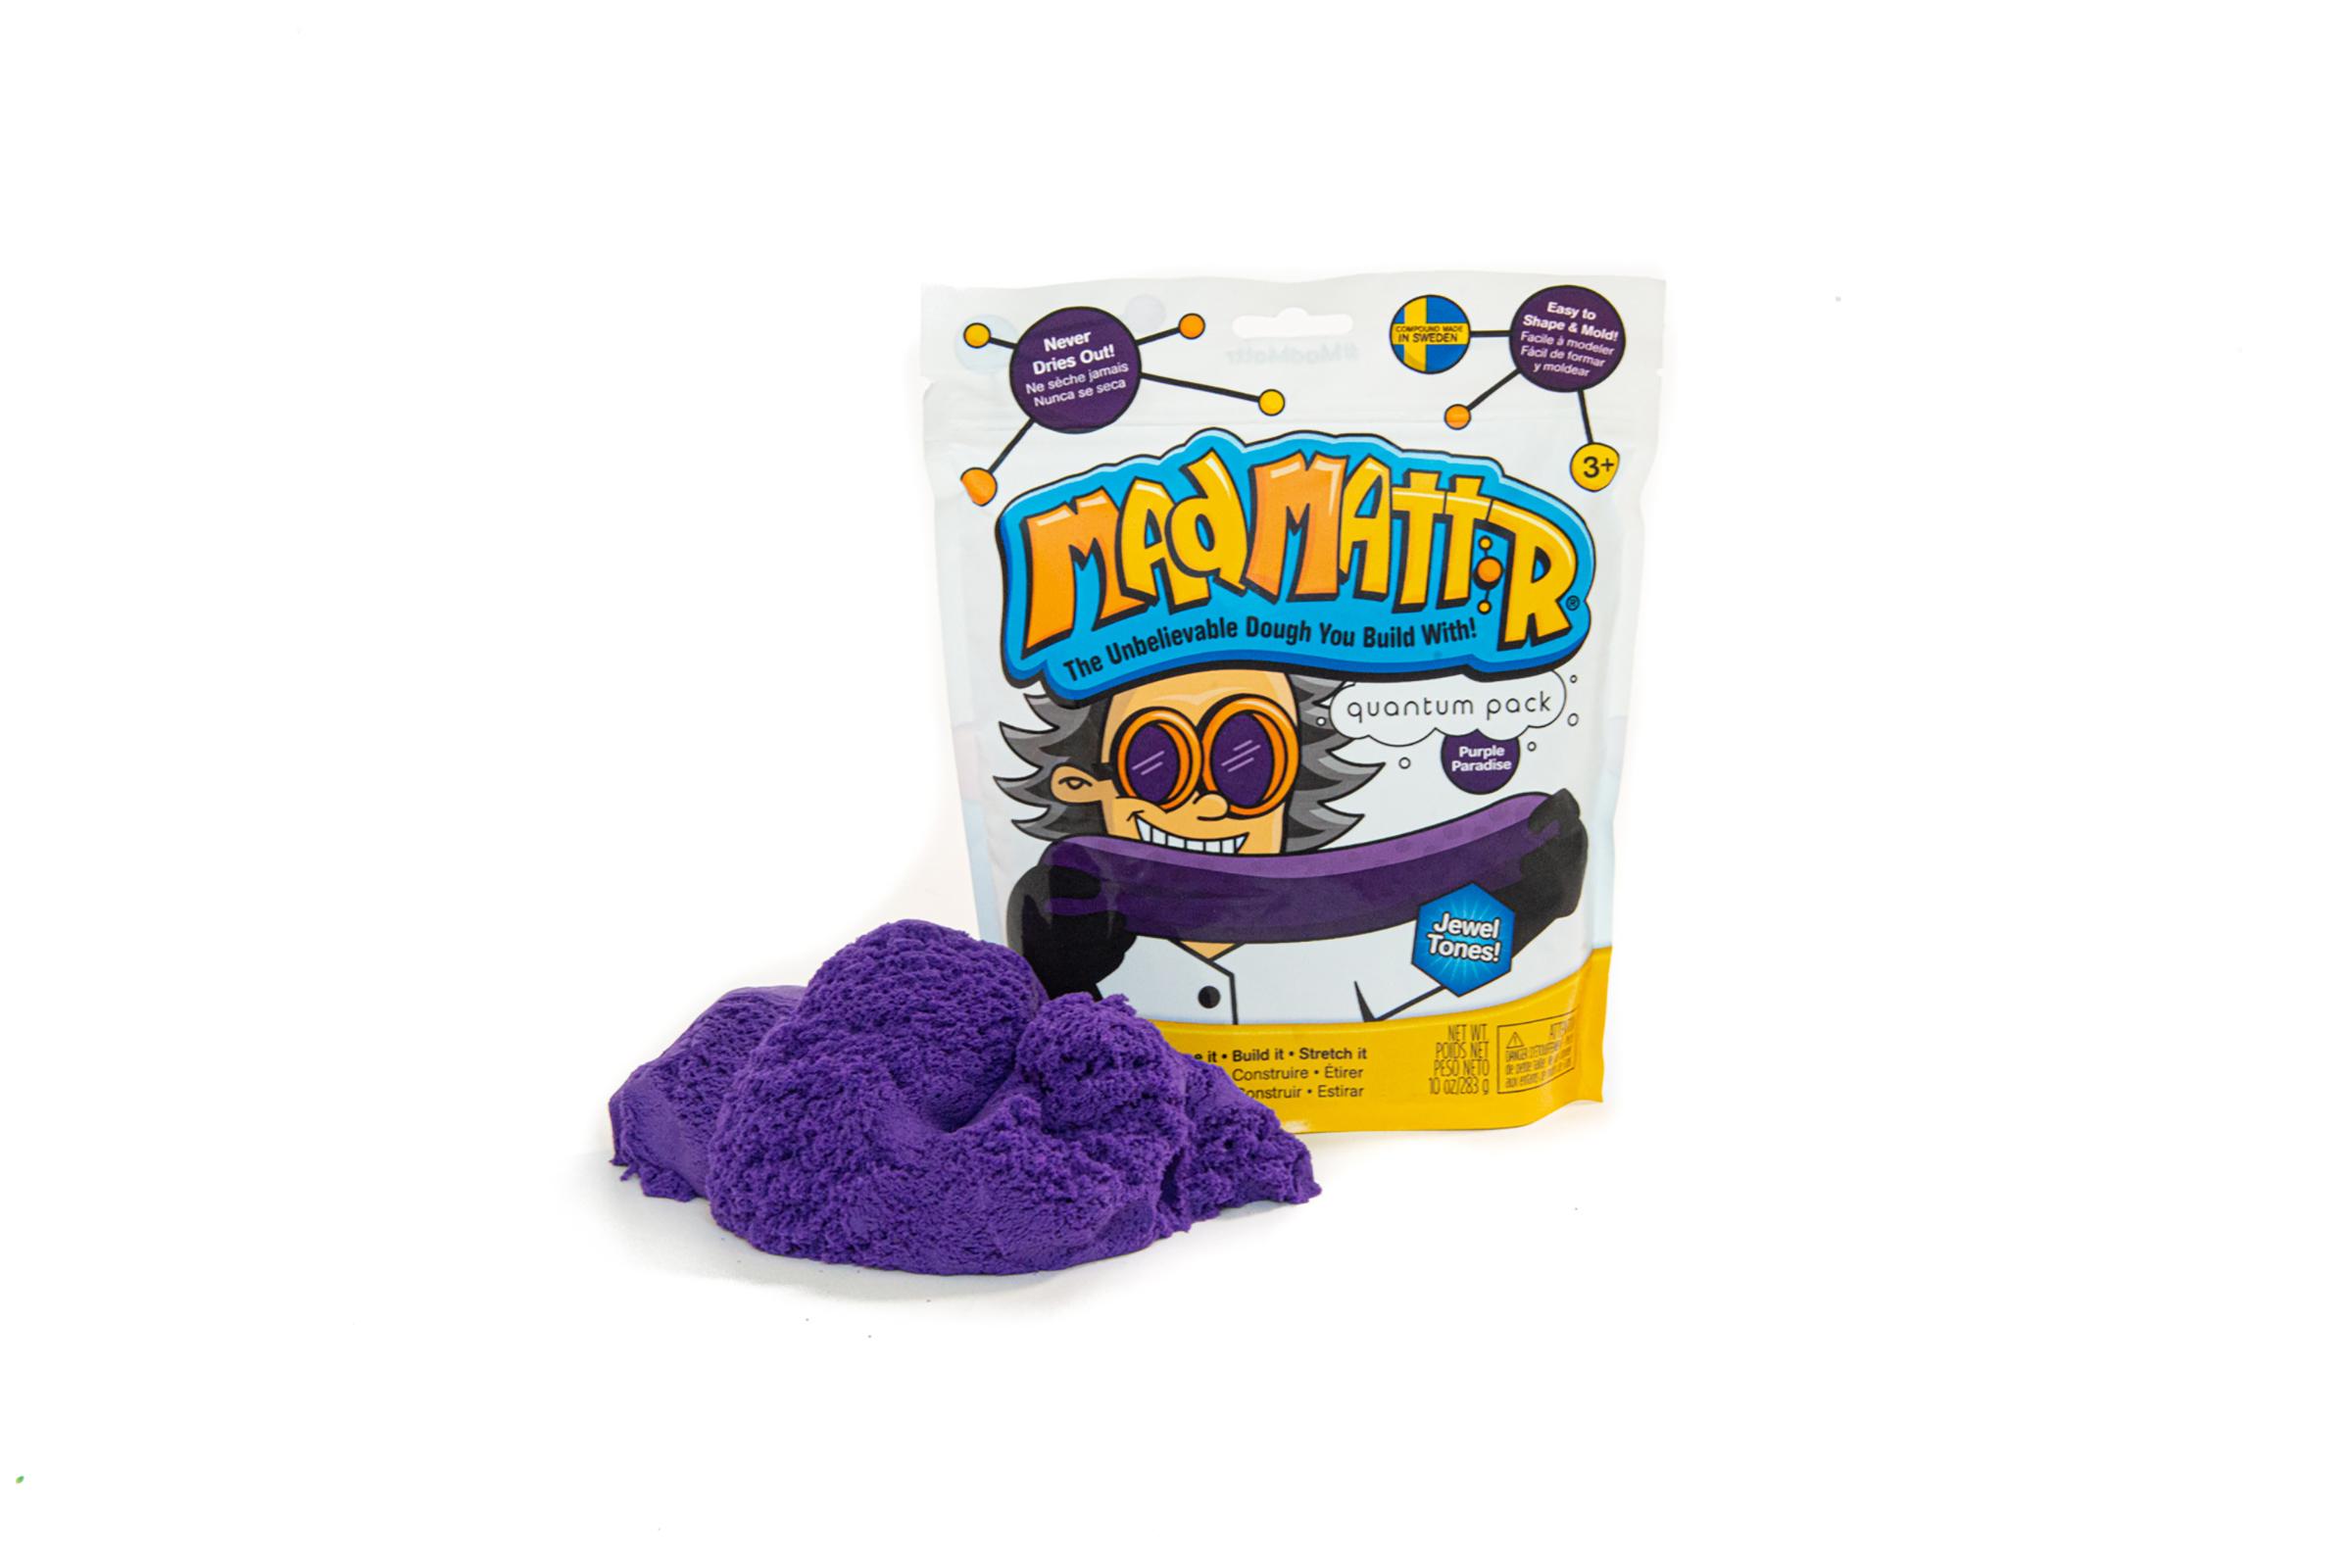 Quantum_Pack_-_Purple_Paradise_with_MM_-_hi-res.jpg